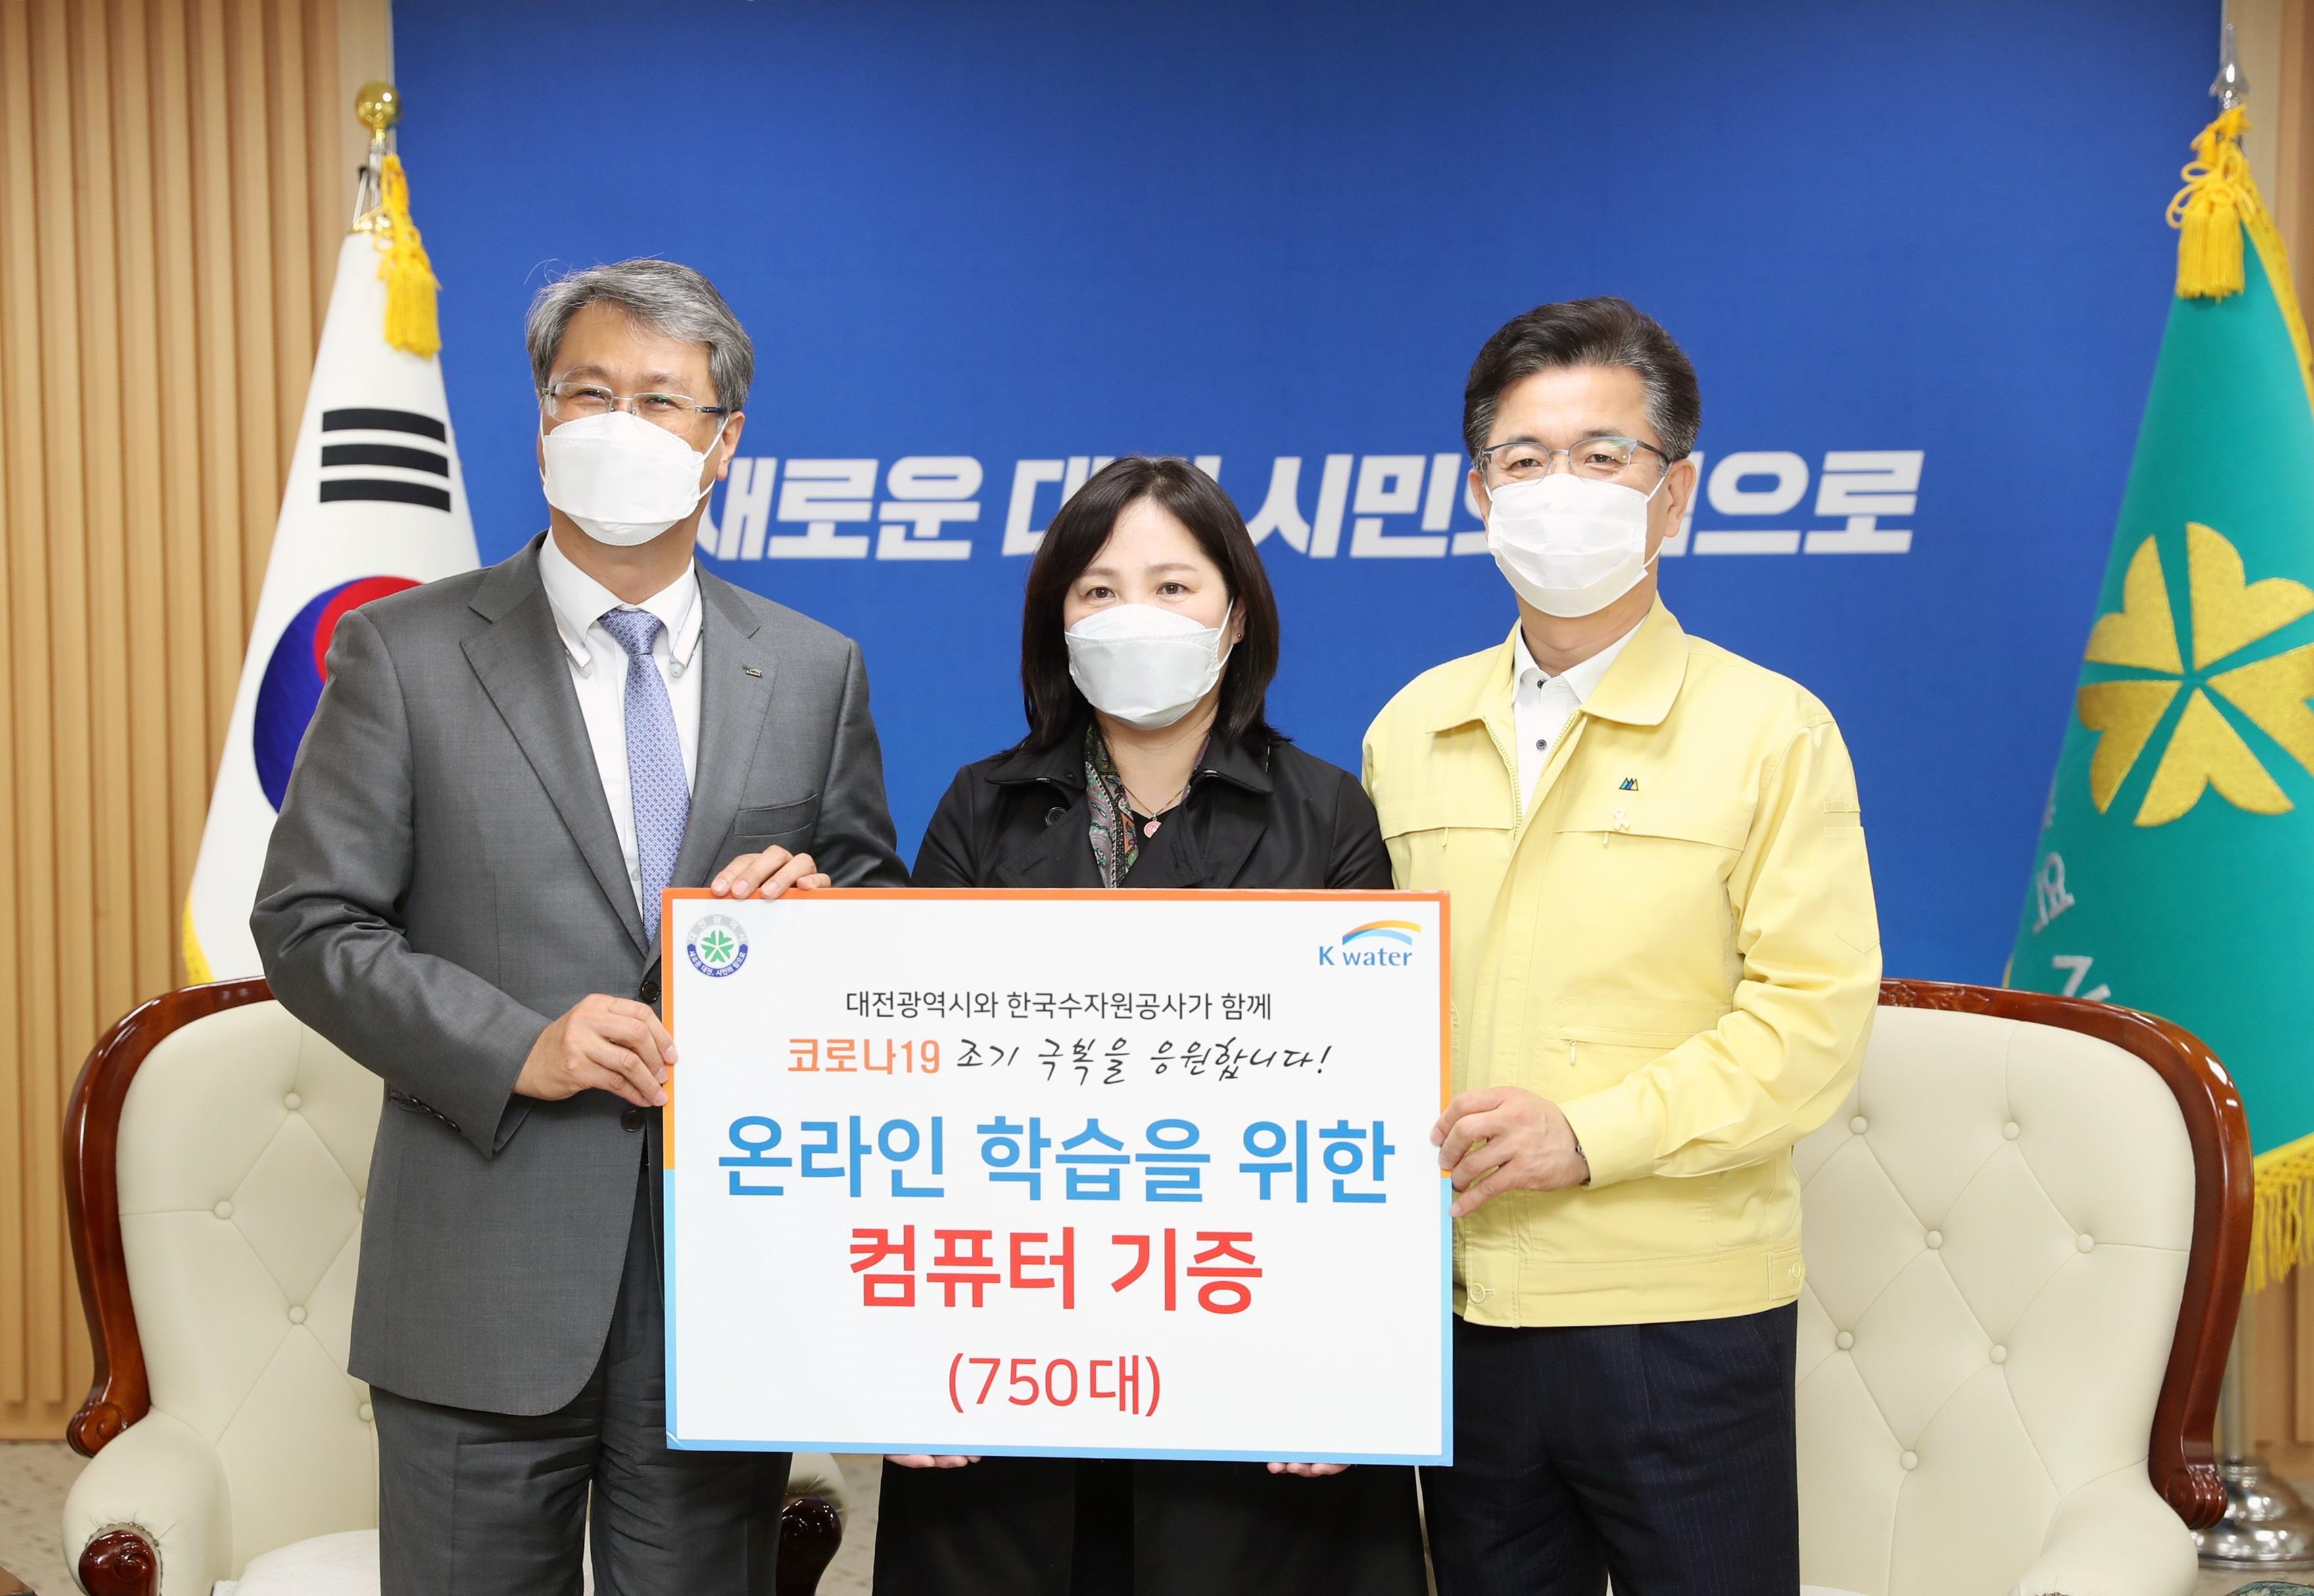 한국수자원공사, 4월 13일 대전시에 원격학습용 컴퓨터 기증